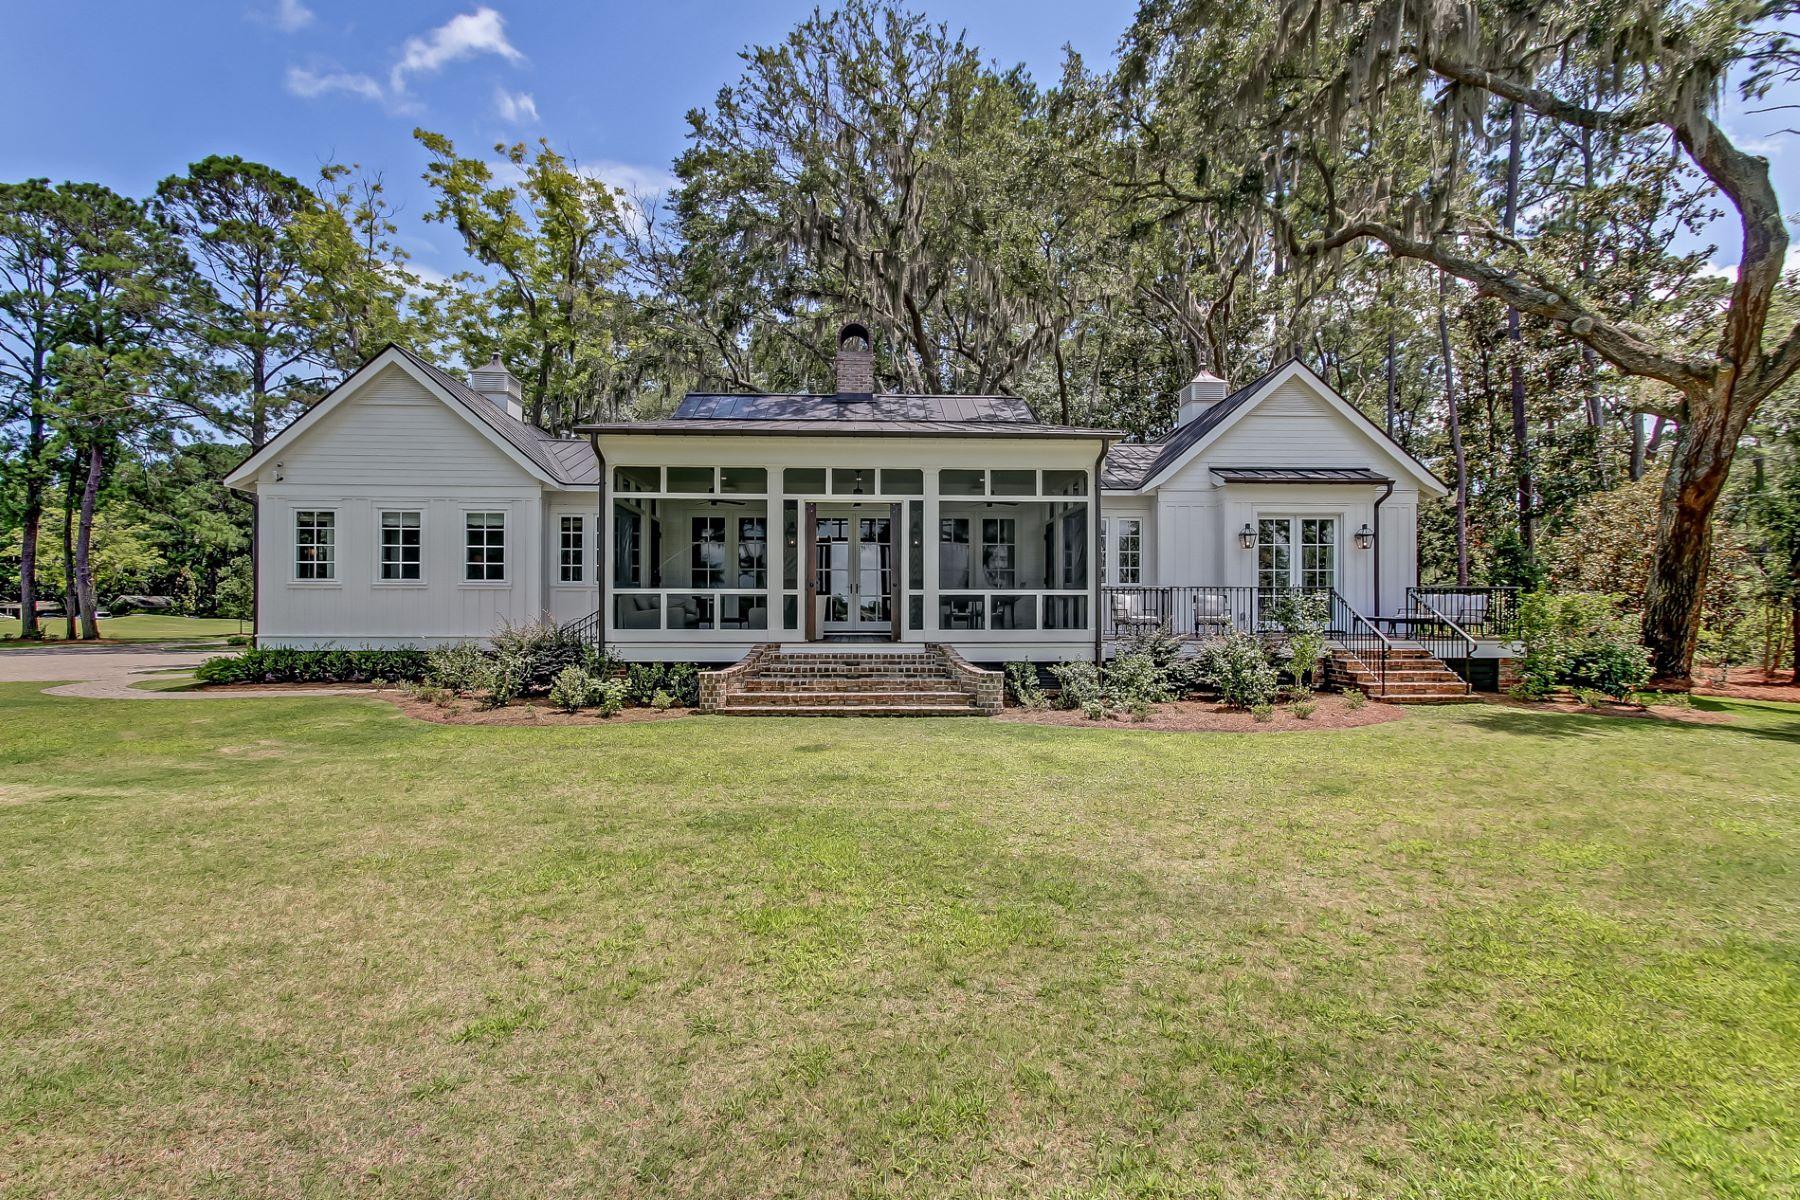 一戸建て のために 売買 アット 5 Waite Drive Savannah, ジョージア 31406 アメリカ合衆国